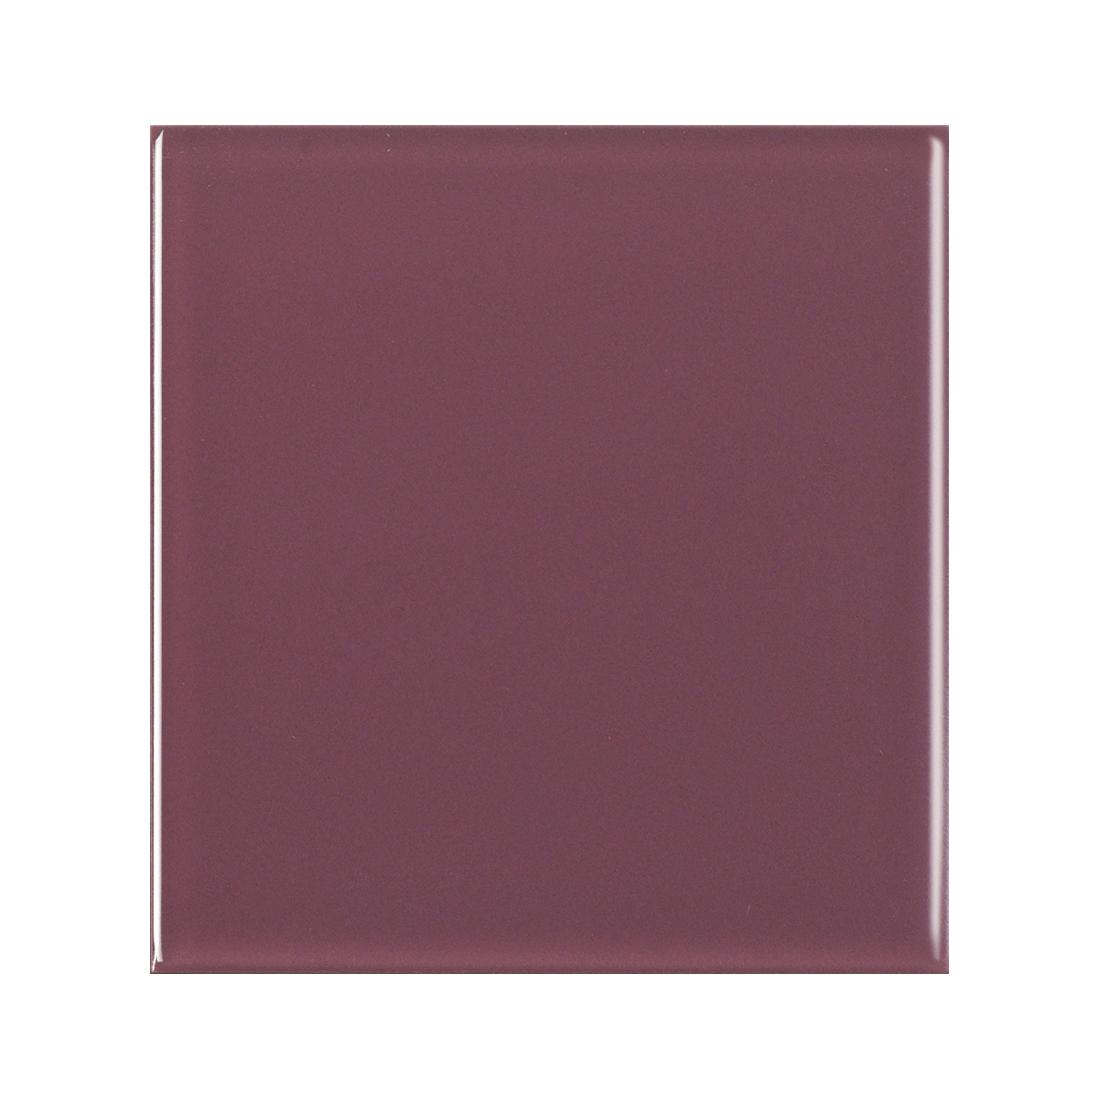 Kakel Arredo Color Granate Blank 20×20 cm